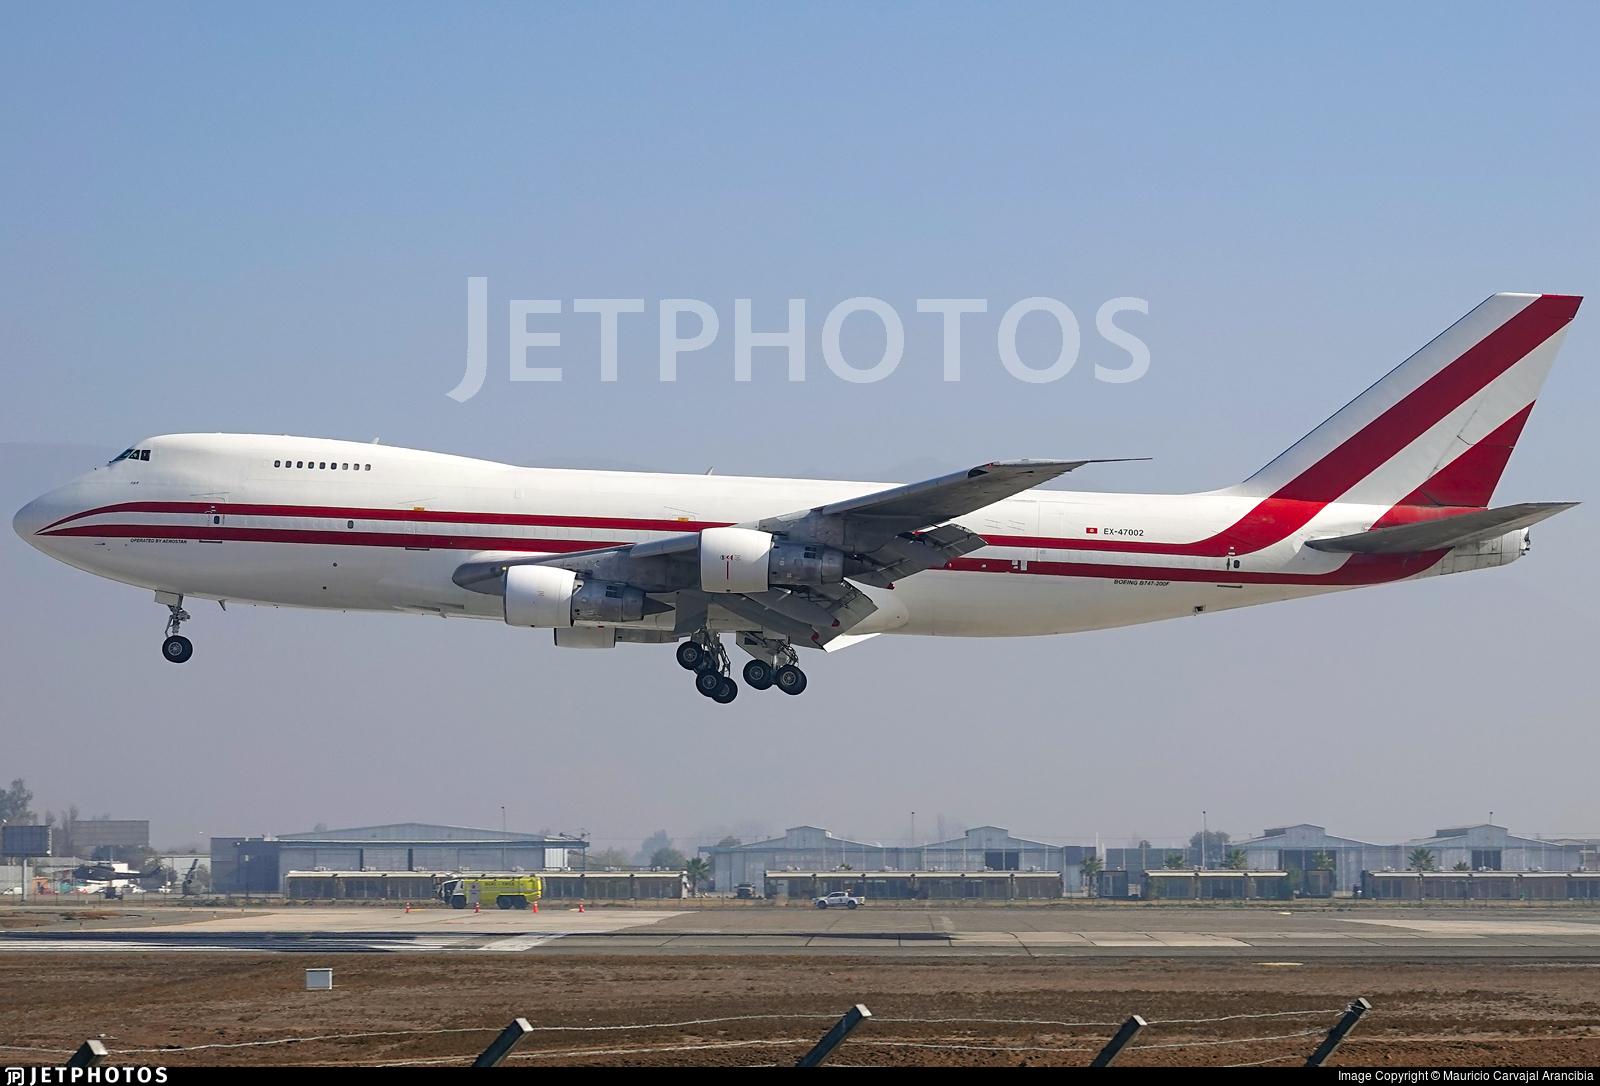 EX-47002 - Boeing 747-251B(SF) - Aerostan